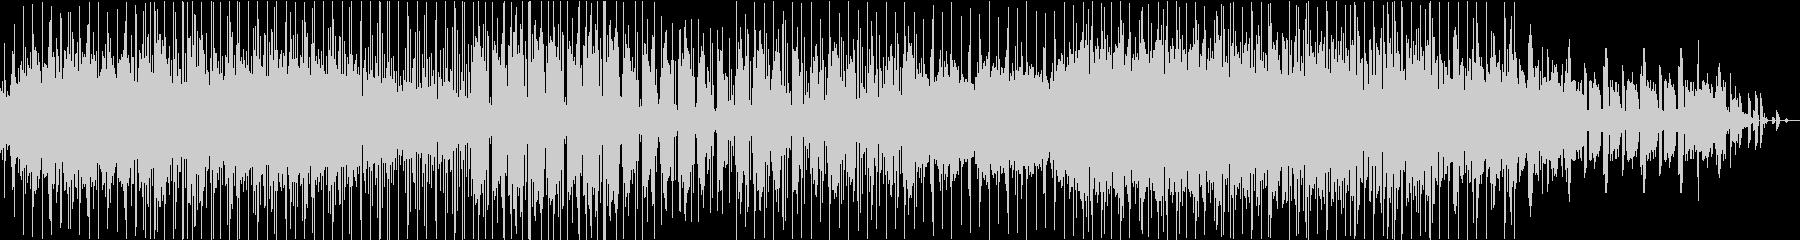 スローファンク、レトロっぽいR&B の未再生の波形